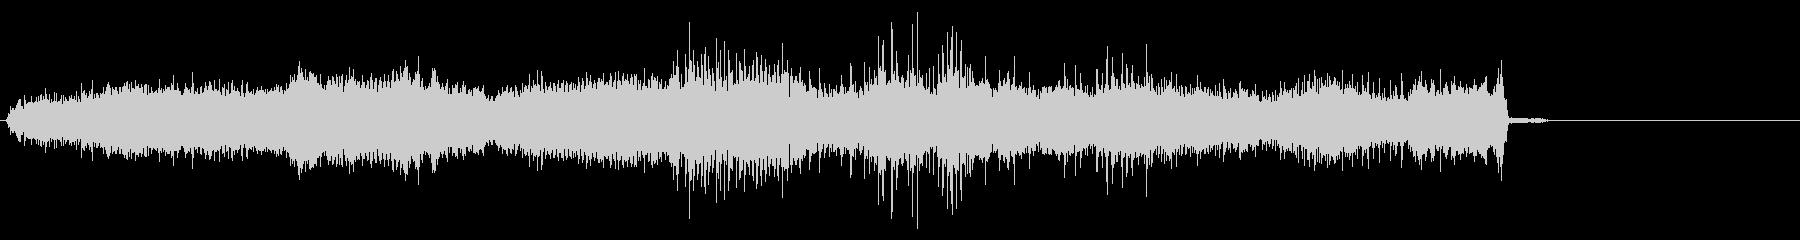 電気ドリル8の未再生の波形